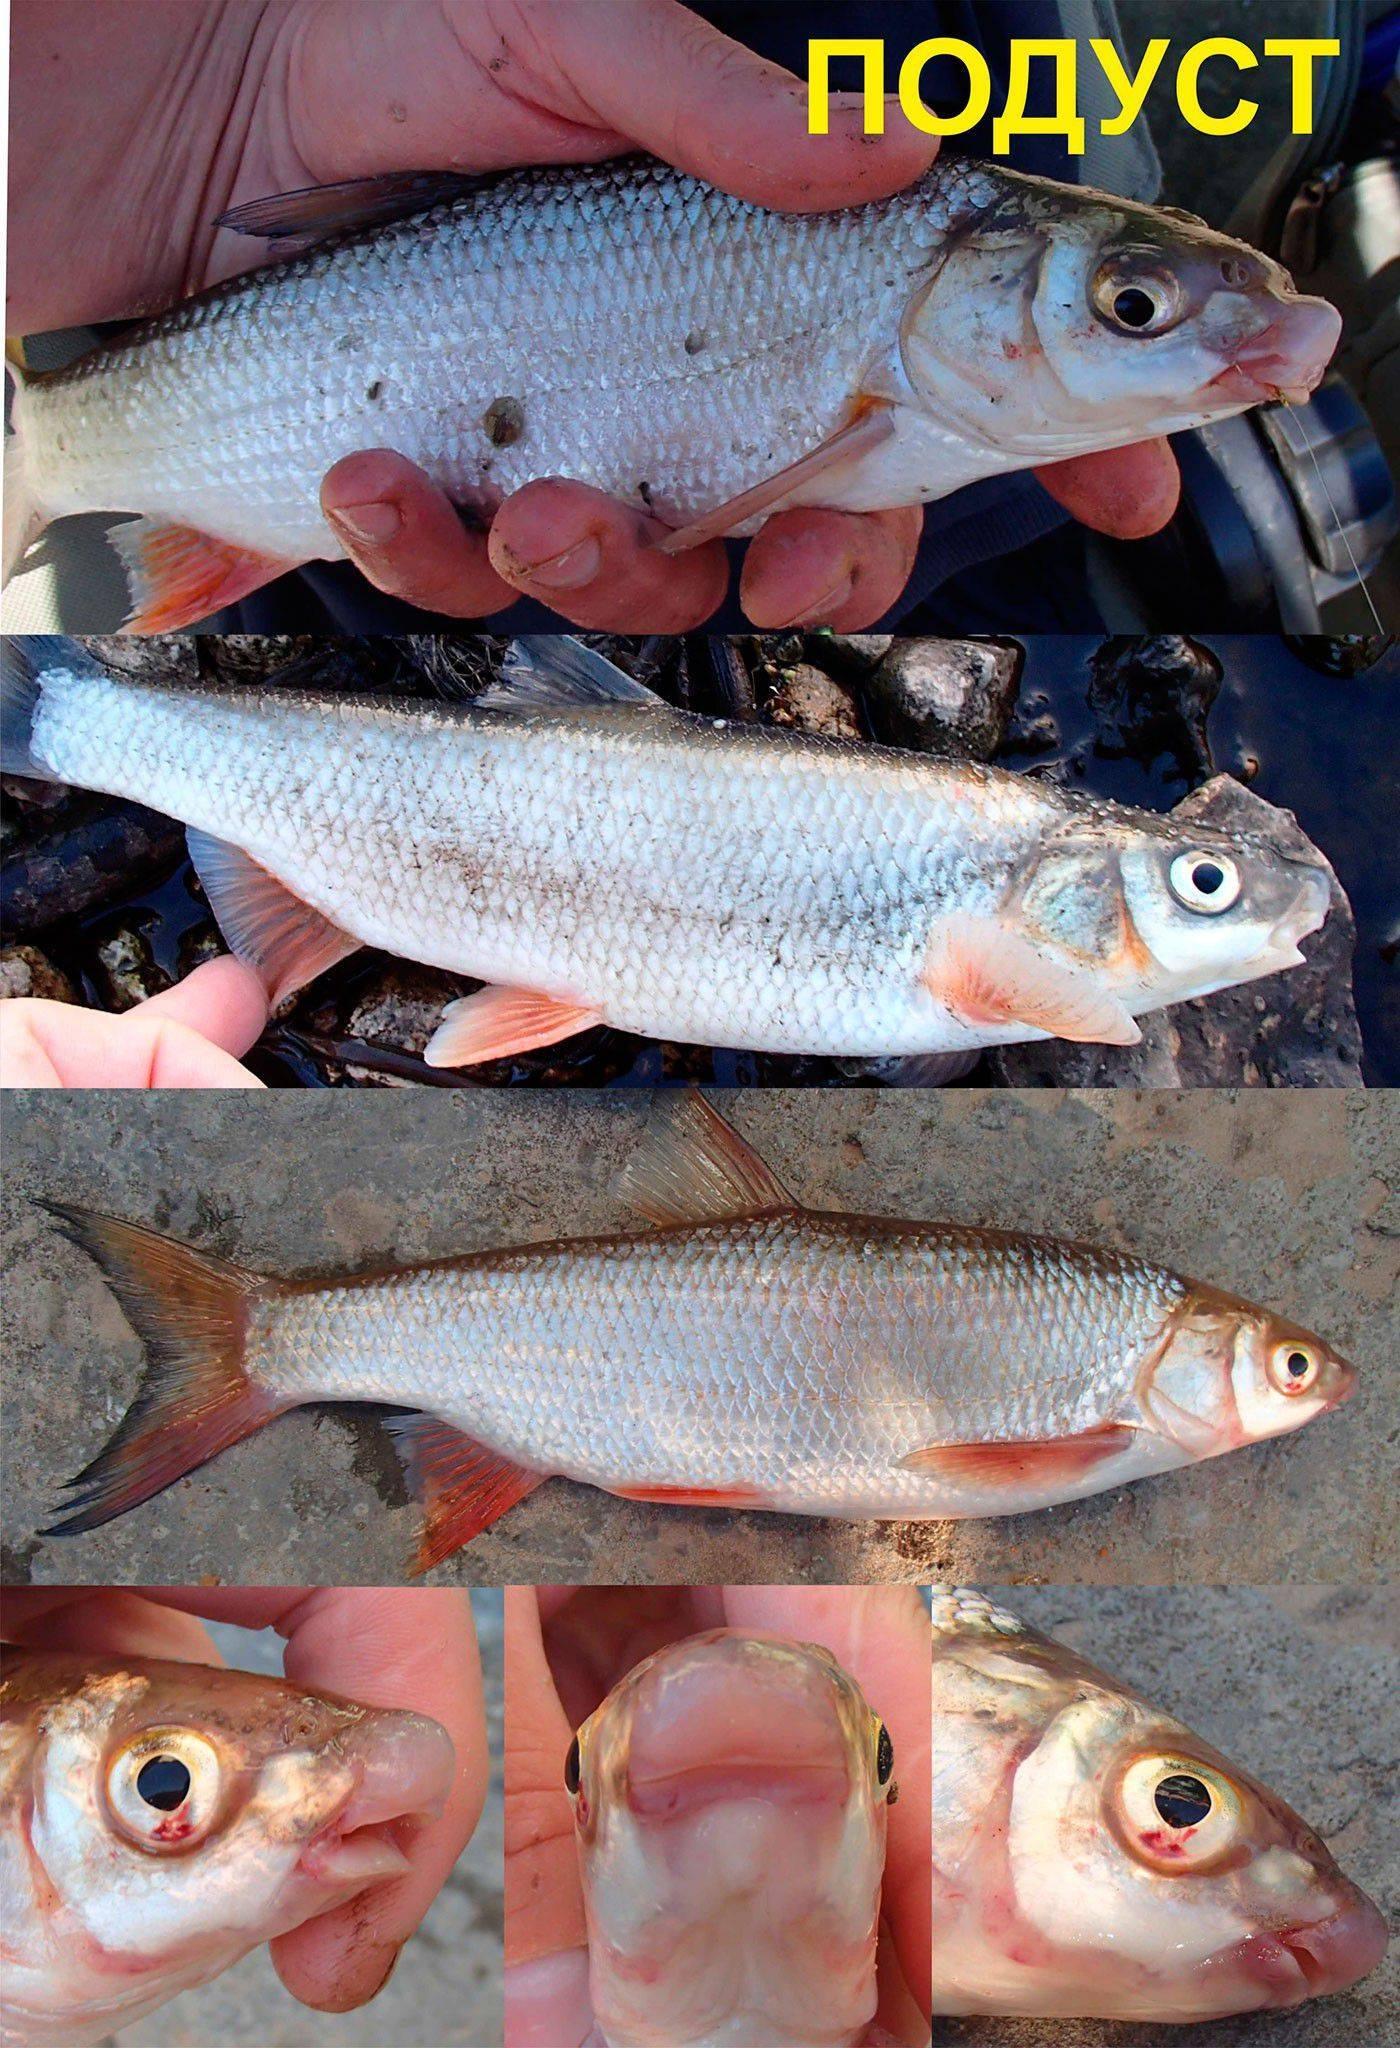 Рыба подуст фото и описание. примеры реальной рыбалки на подуста.